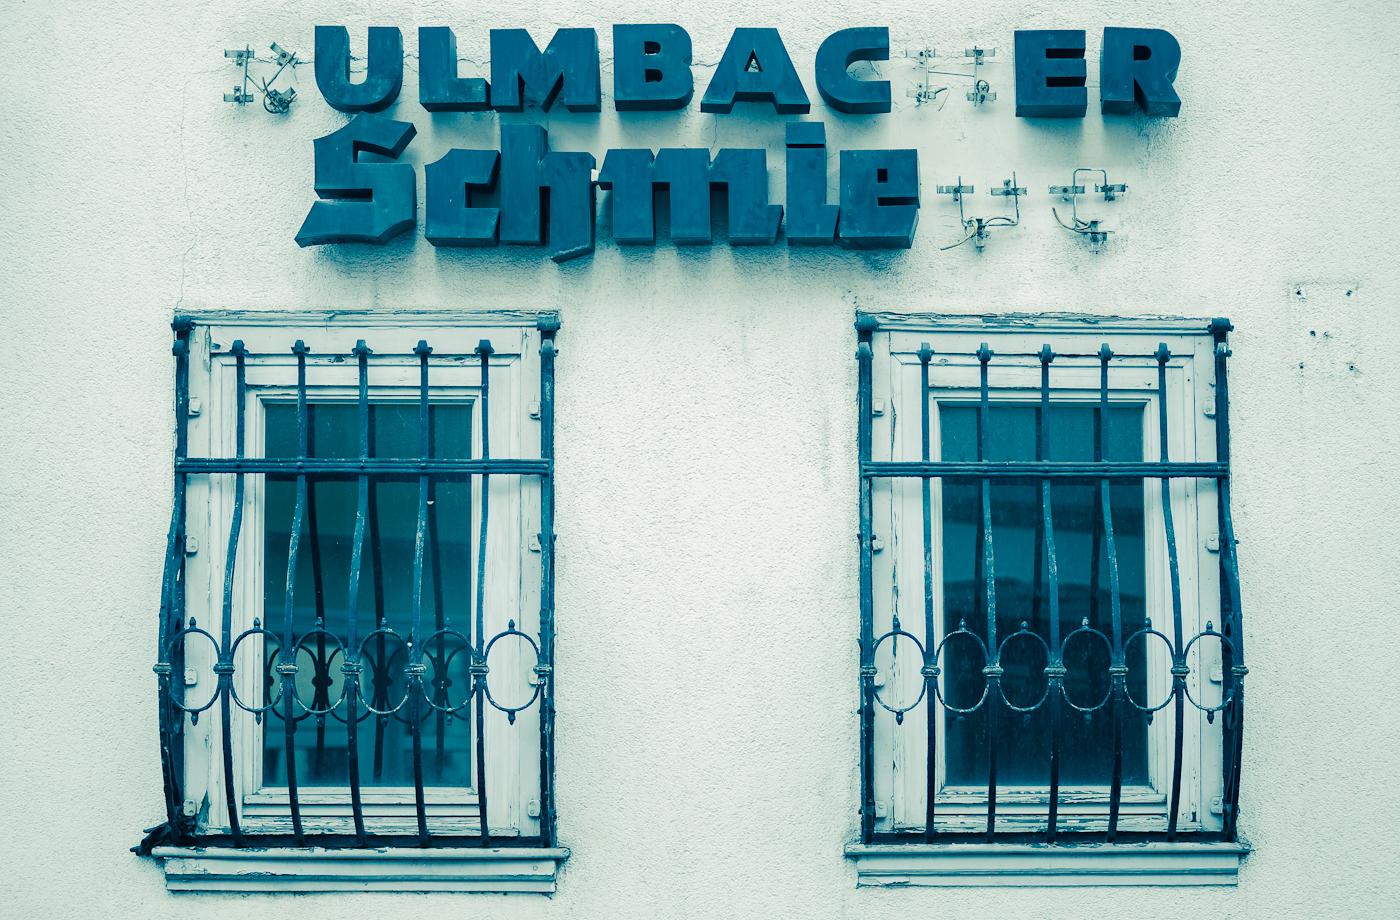 Ulmbac